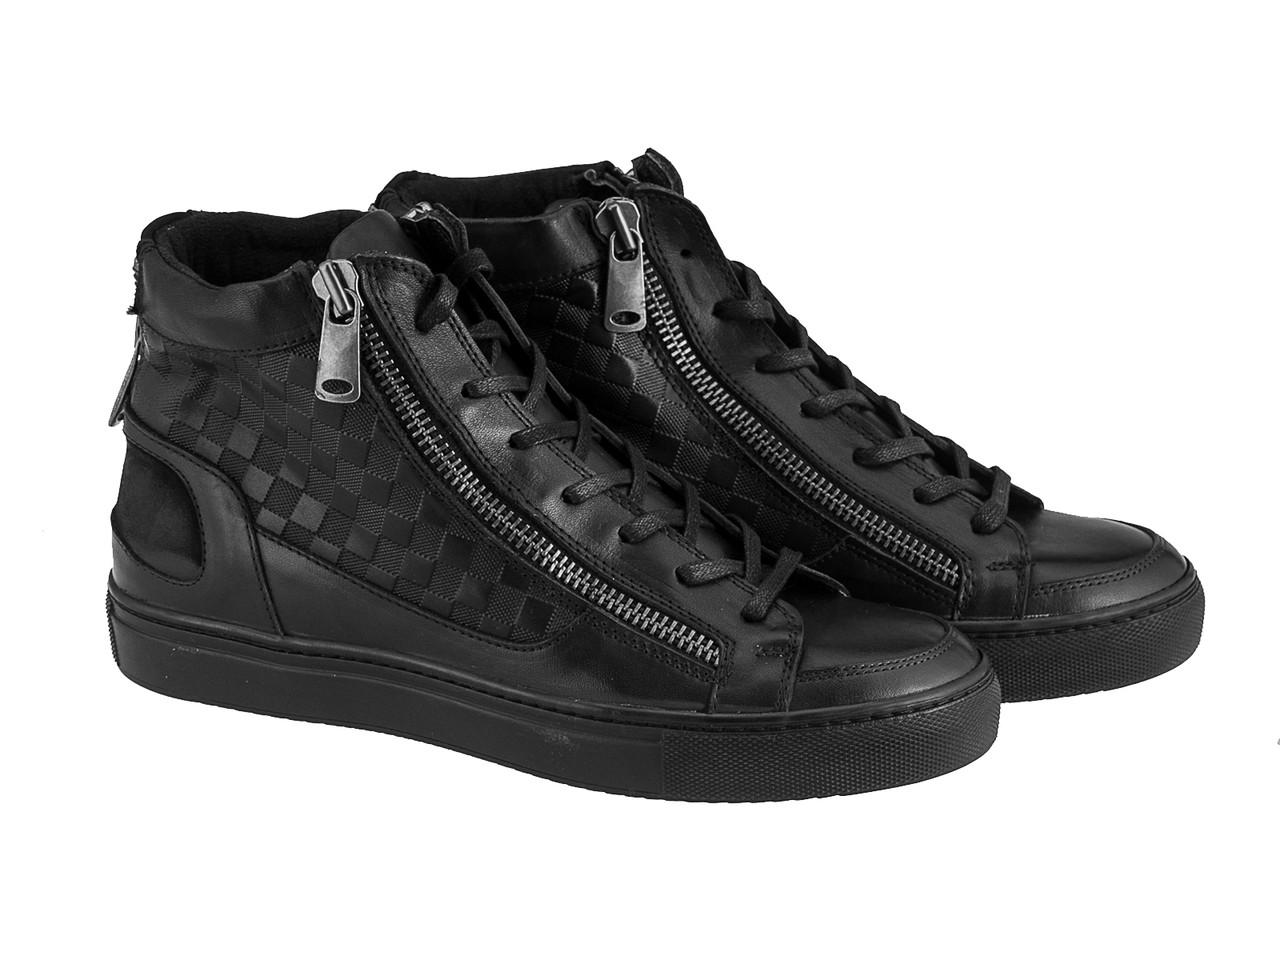 Ботинки Etor 12137-07162 черные